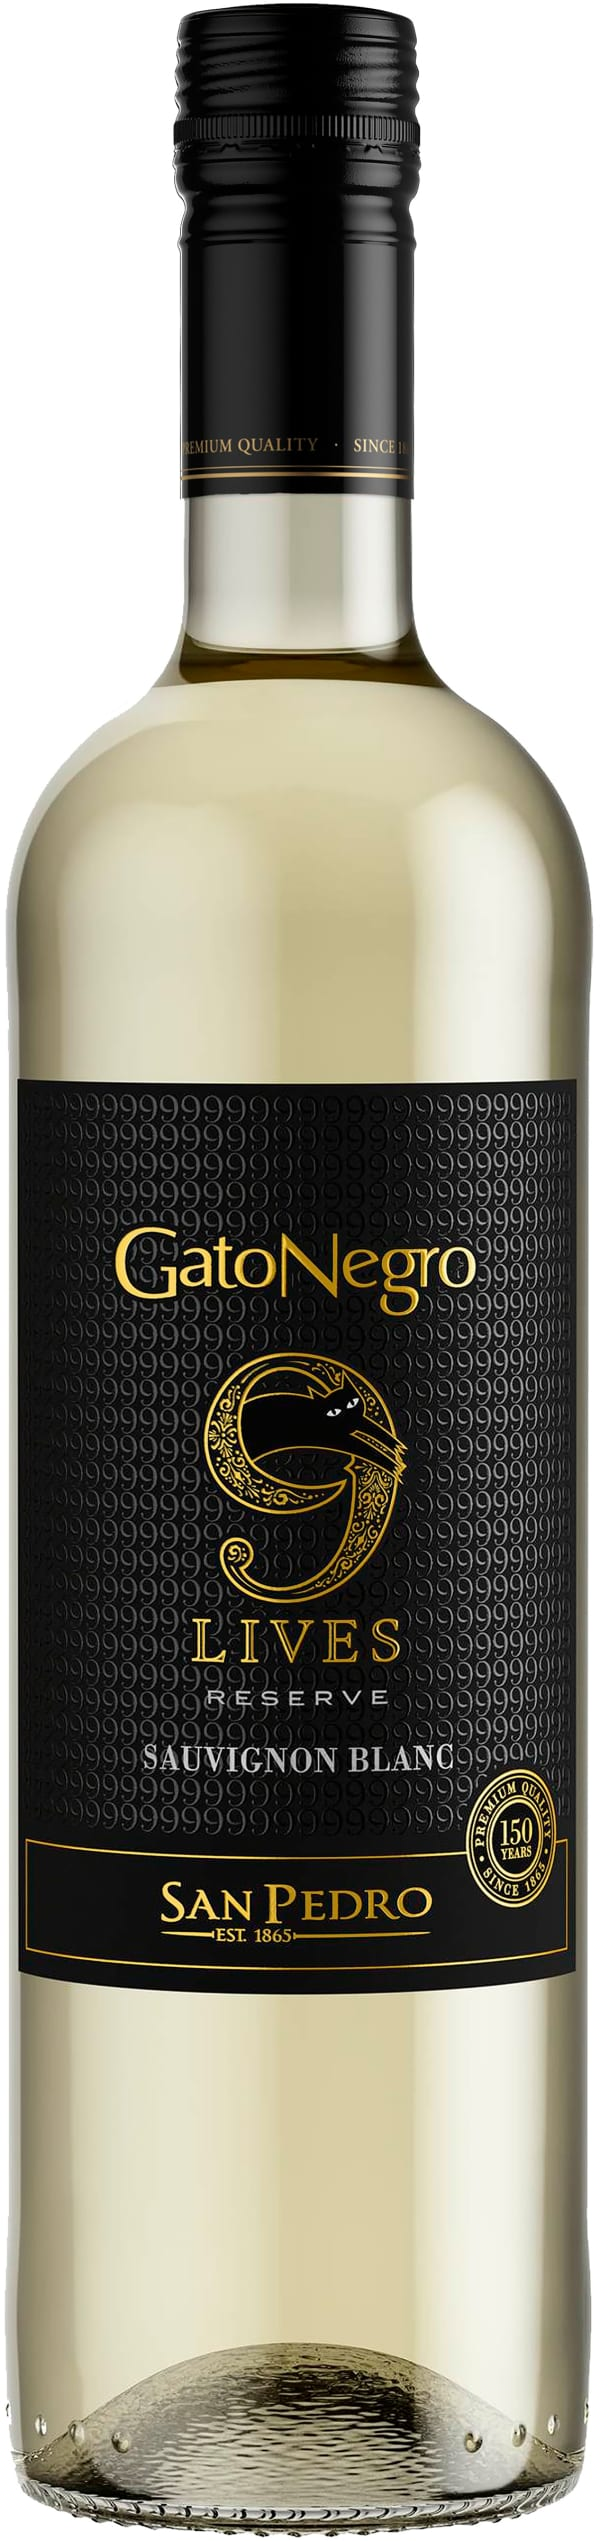 Gato Negro 9 Lives Sauvignon Blanc Reserve 2017